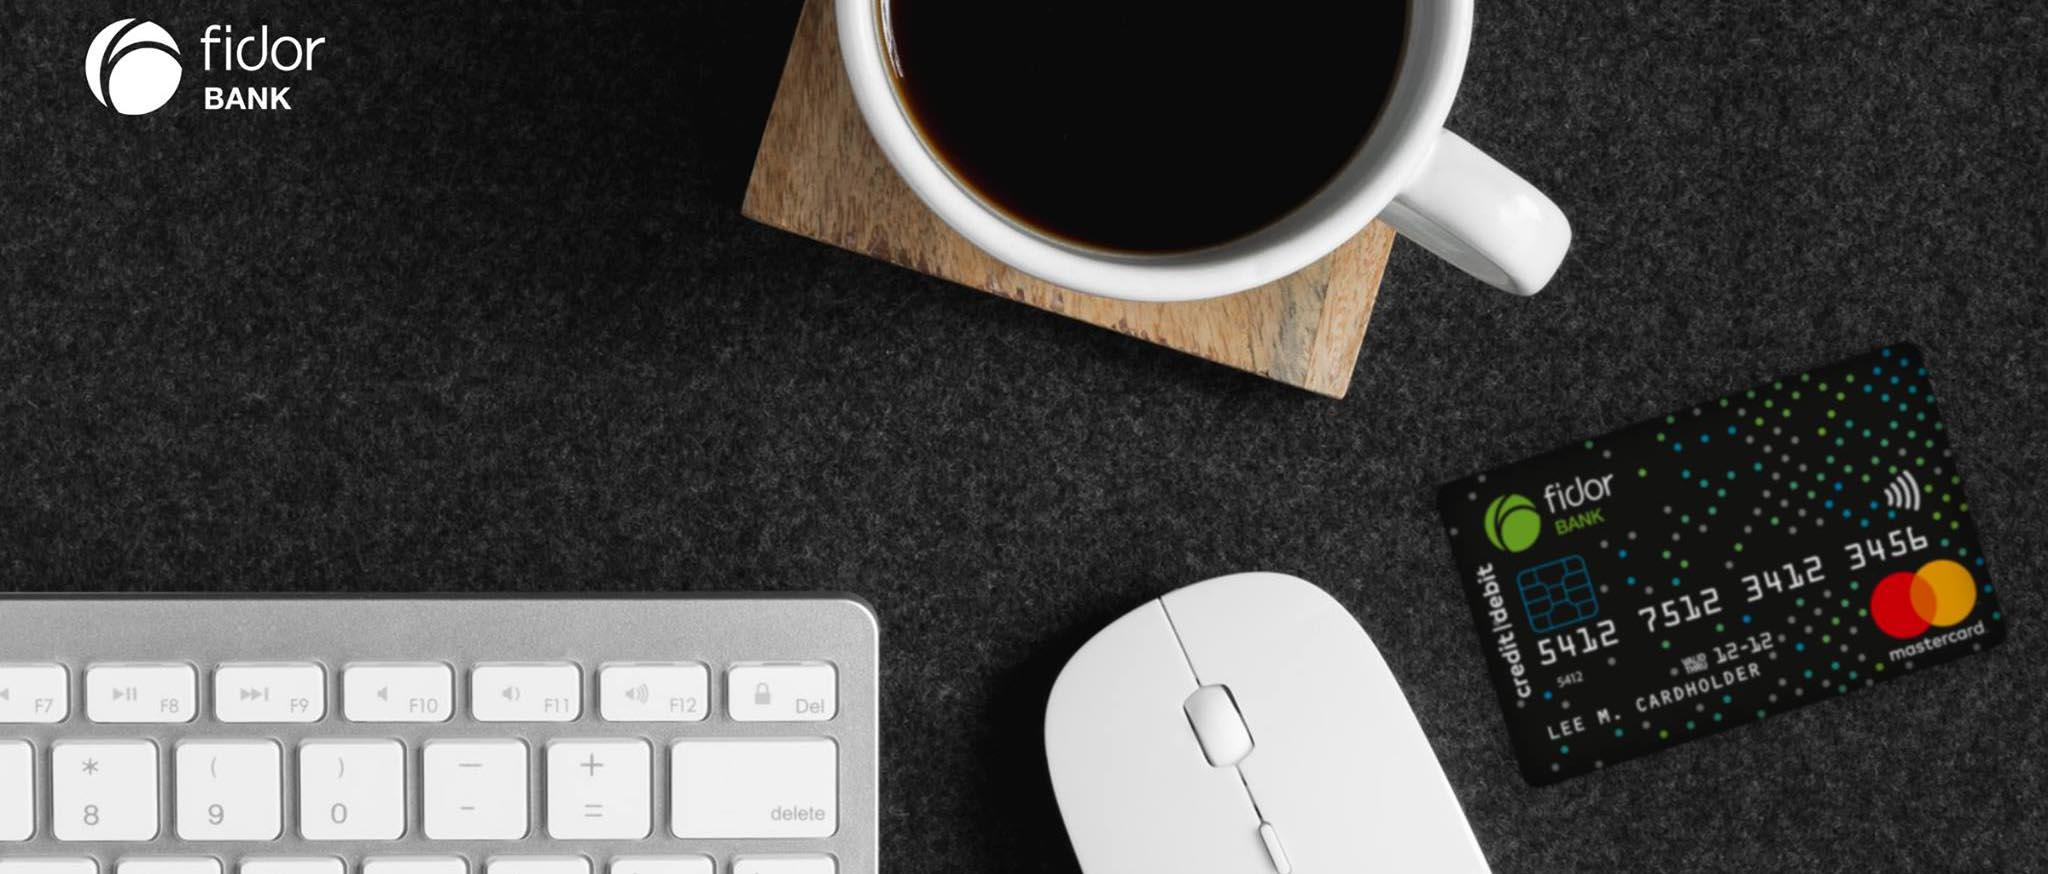 Tastatur, Maus, Tasse und Kreditkarte auf dunklem Hintergrund